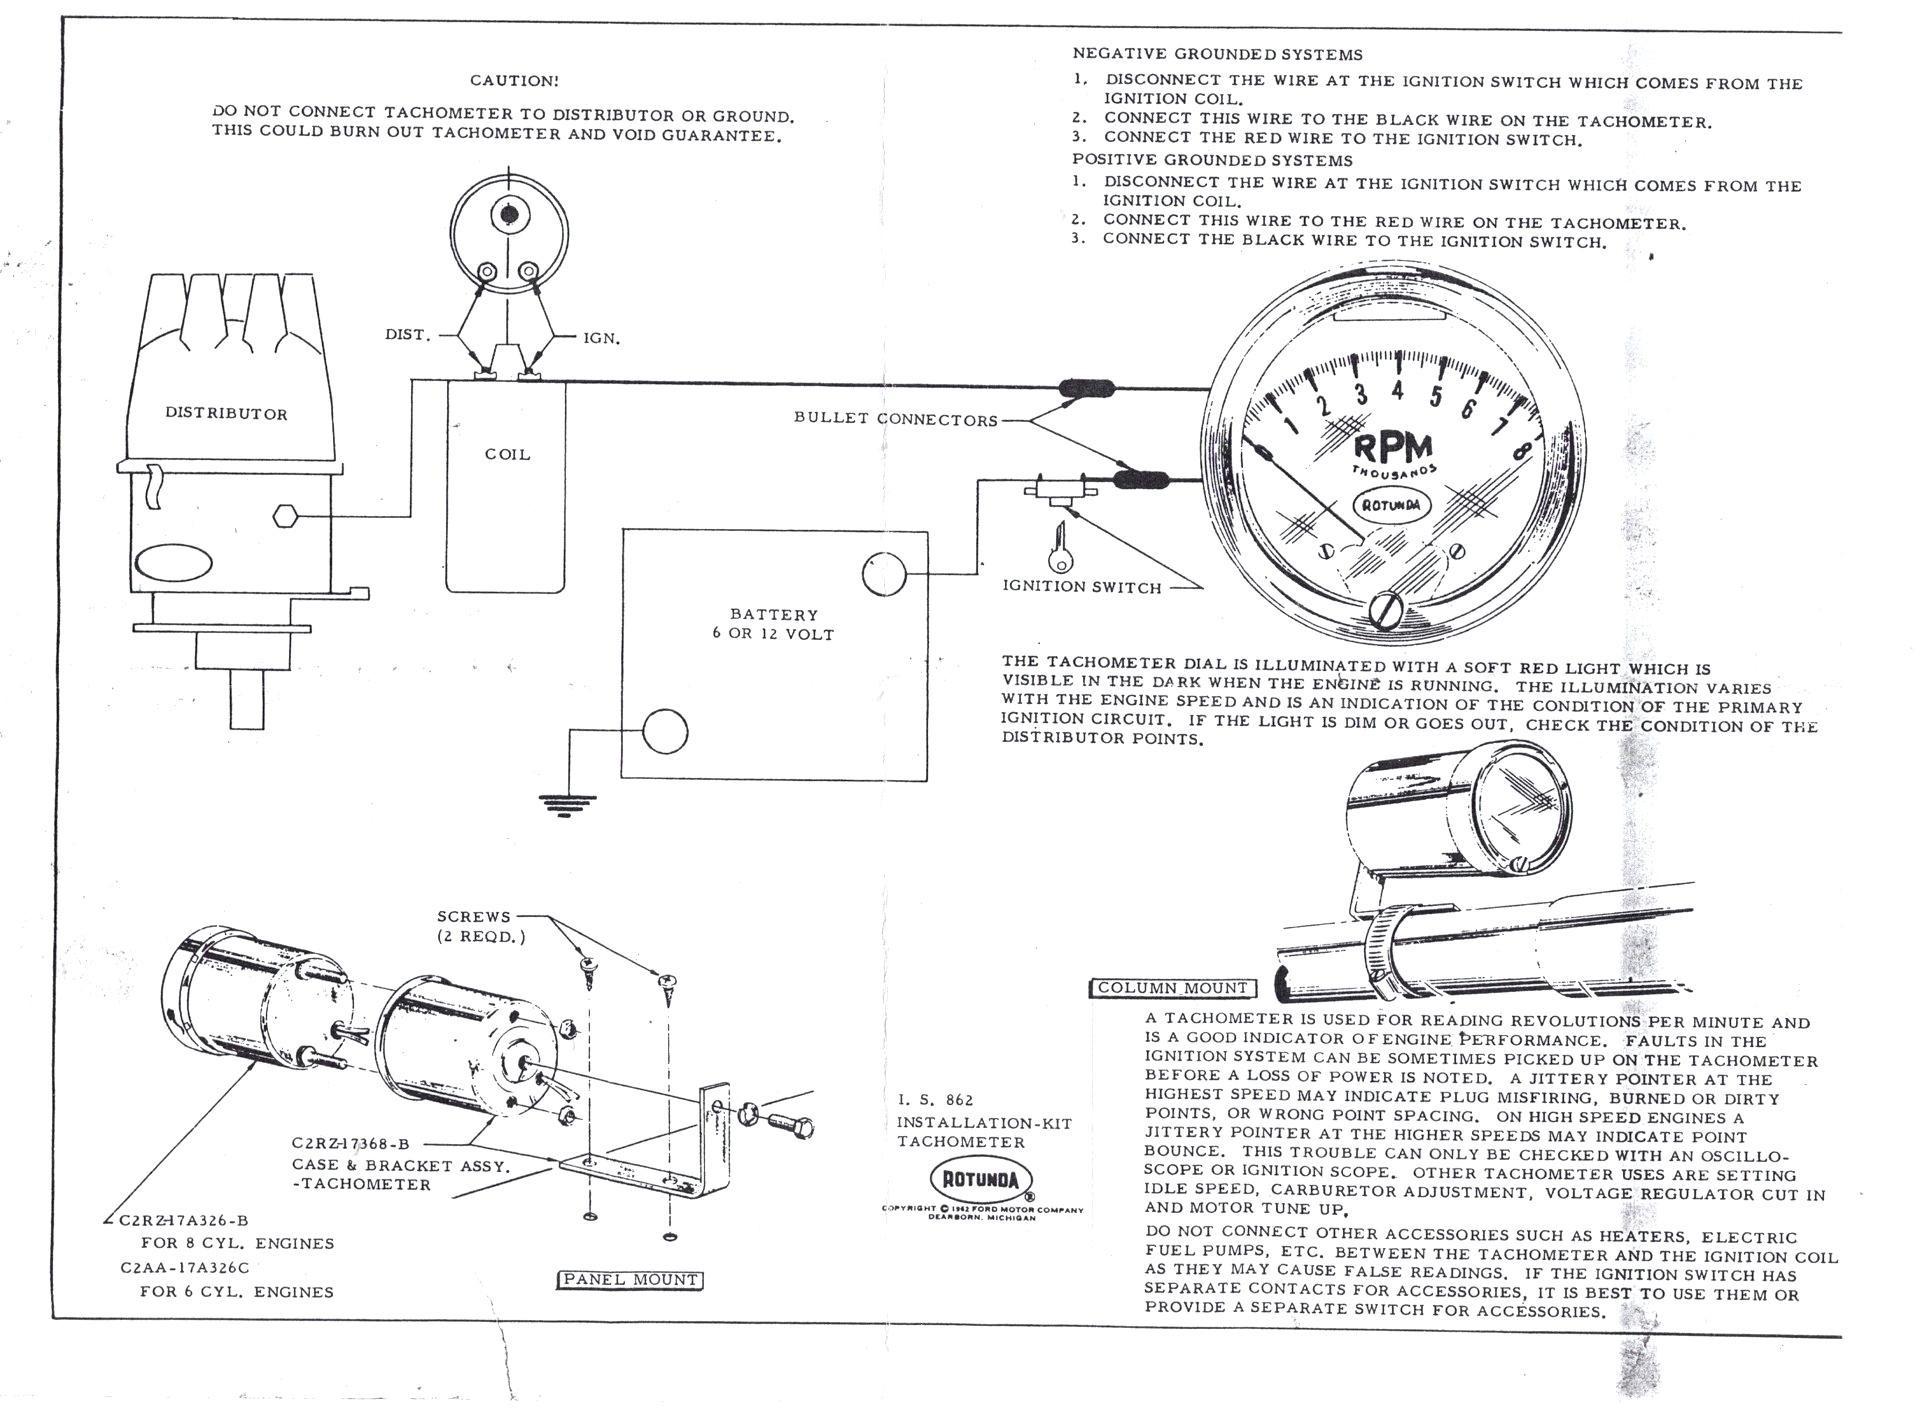 hight resolution of 1999 rav4 fuel gauge wiring diagrams wiring diagram h8 2002 blazer fuel gauge schematic 1999 rav4